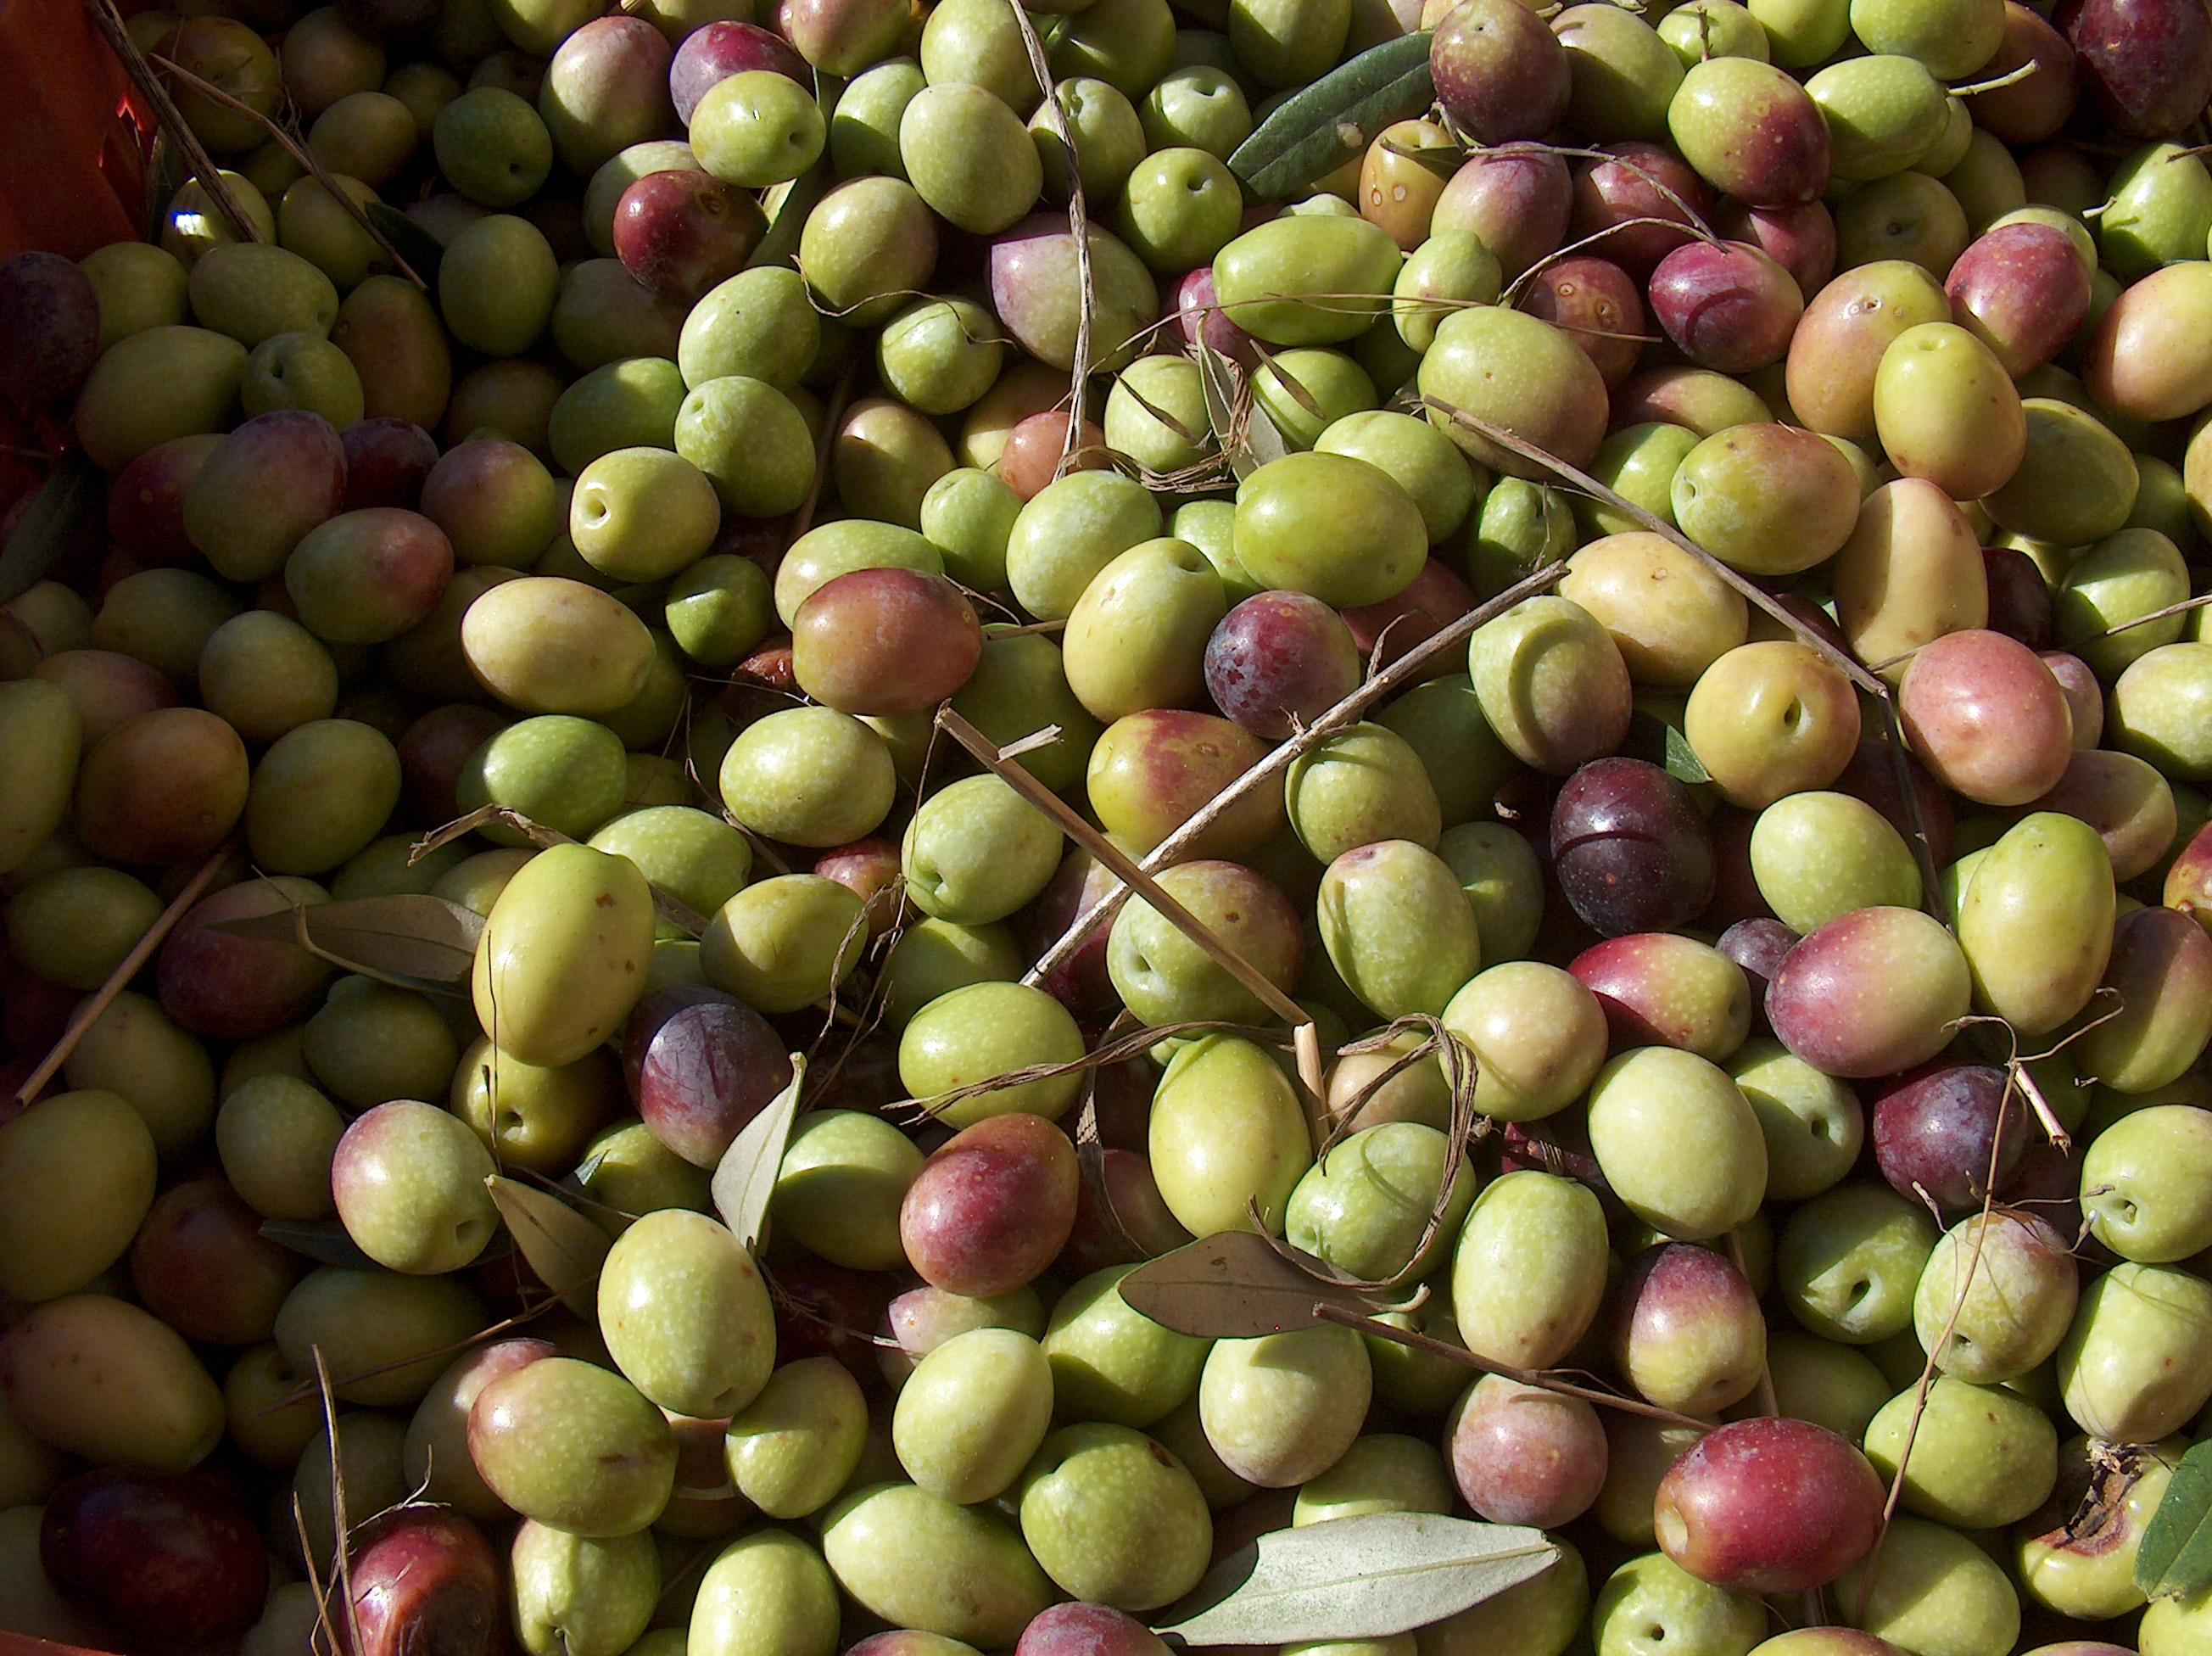 I polifenoli delle olive:  una ricchezza multiforme  dal mediterraneo al mondo